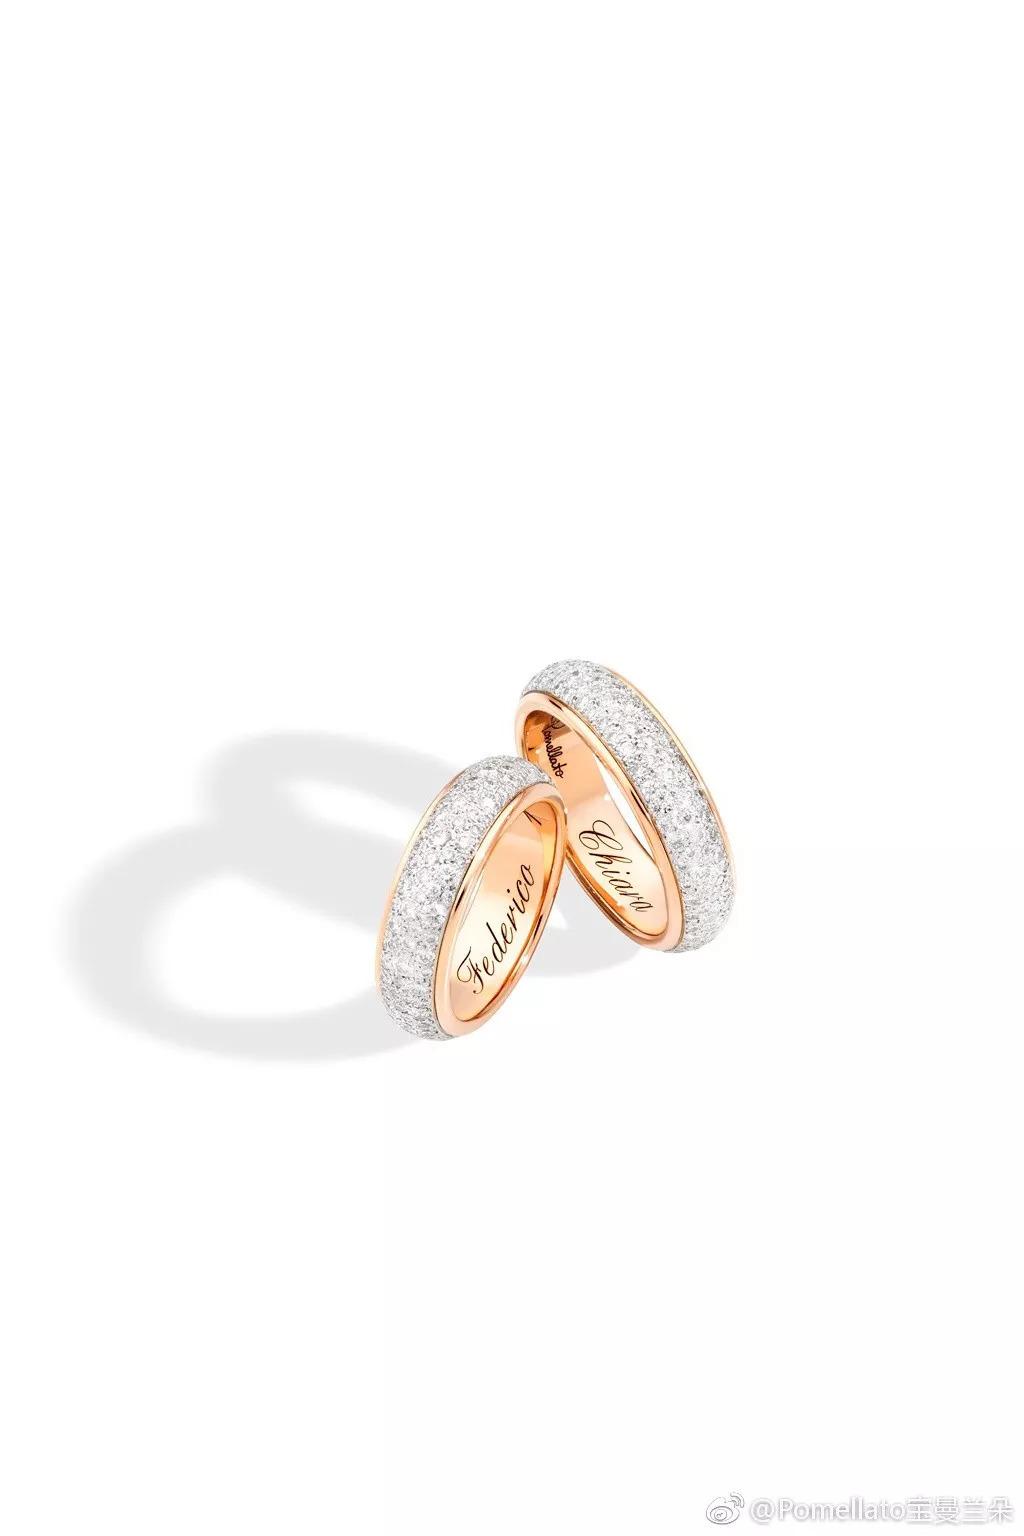 一枚订婚戒指的信息量能有多大?